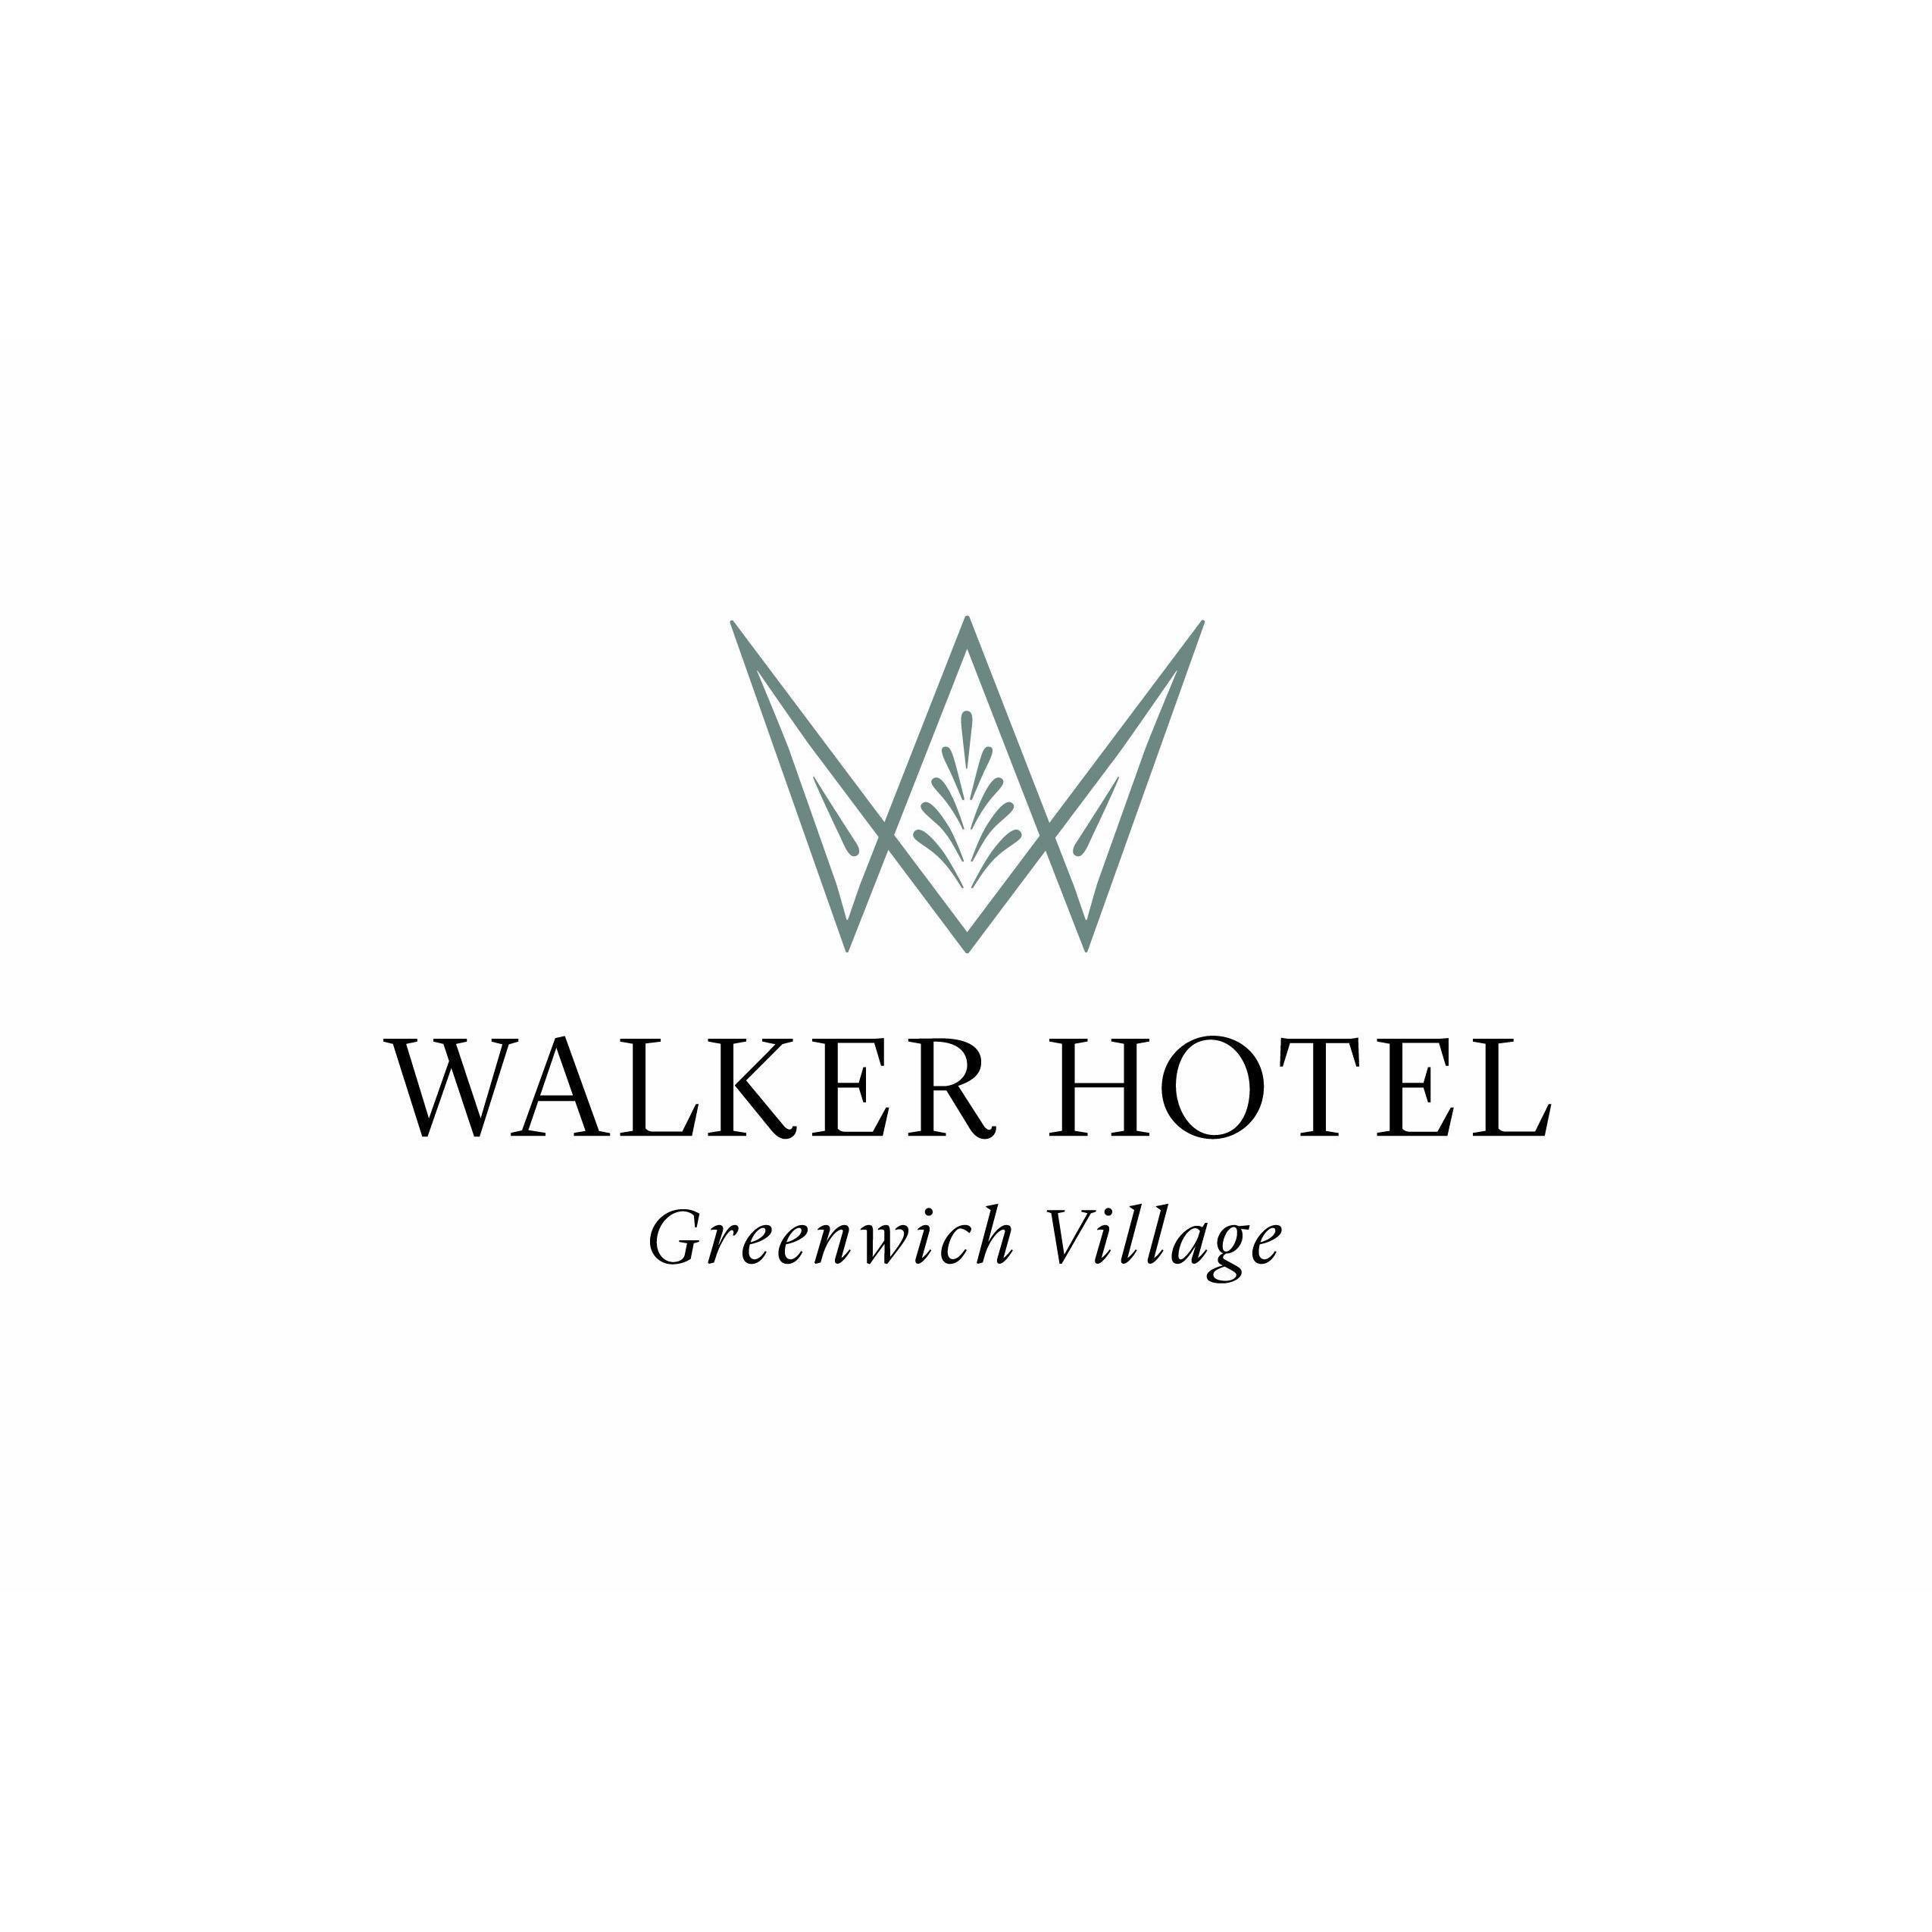 Walker Hotel Greenwich Village image 25